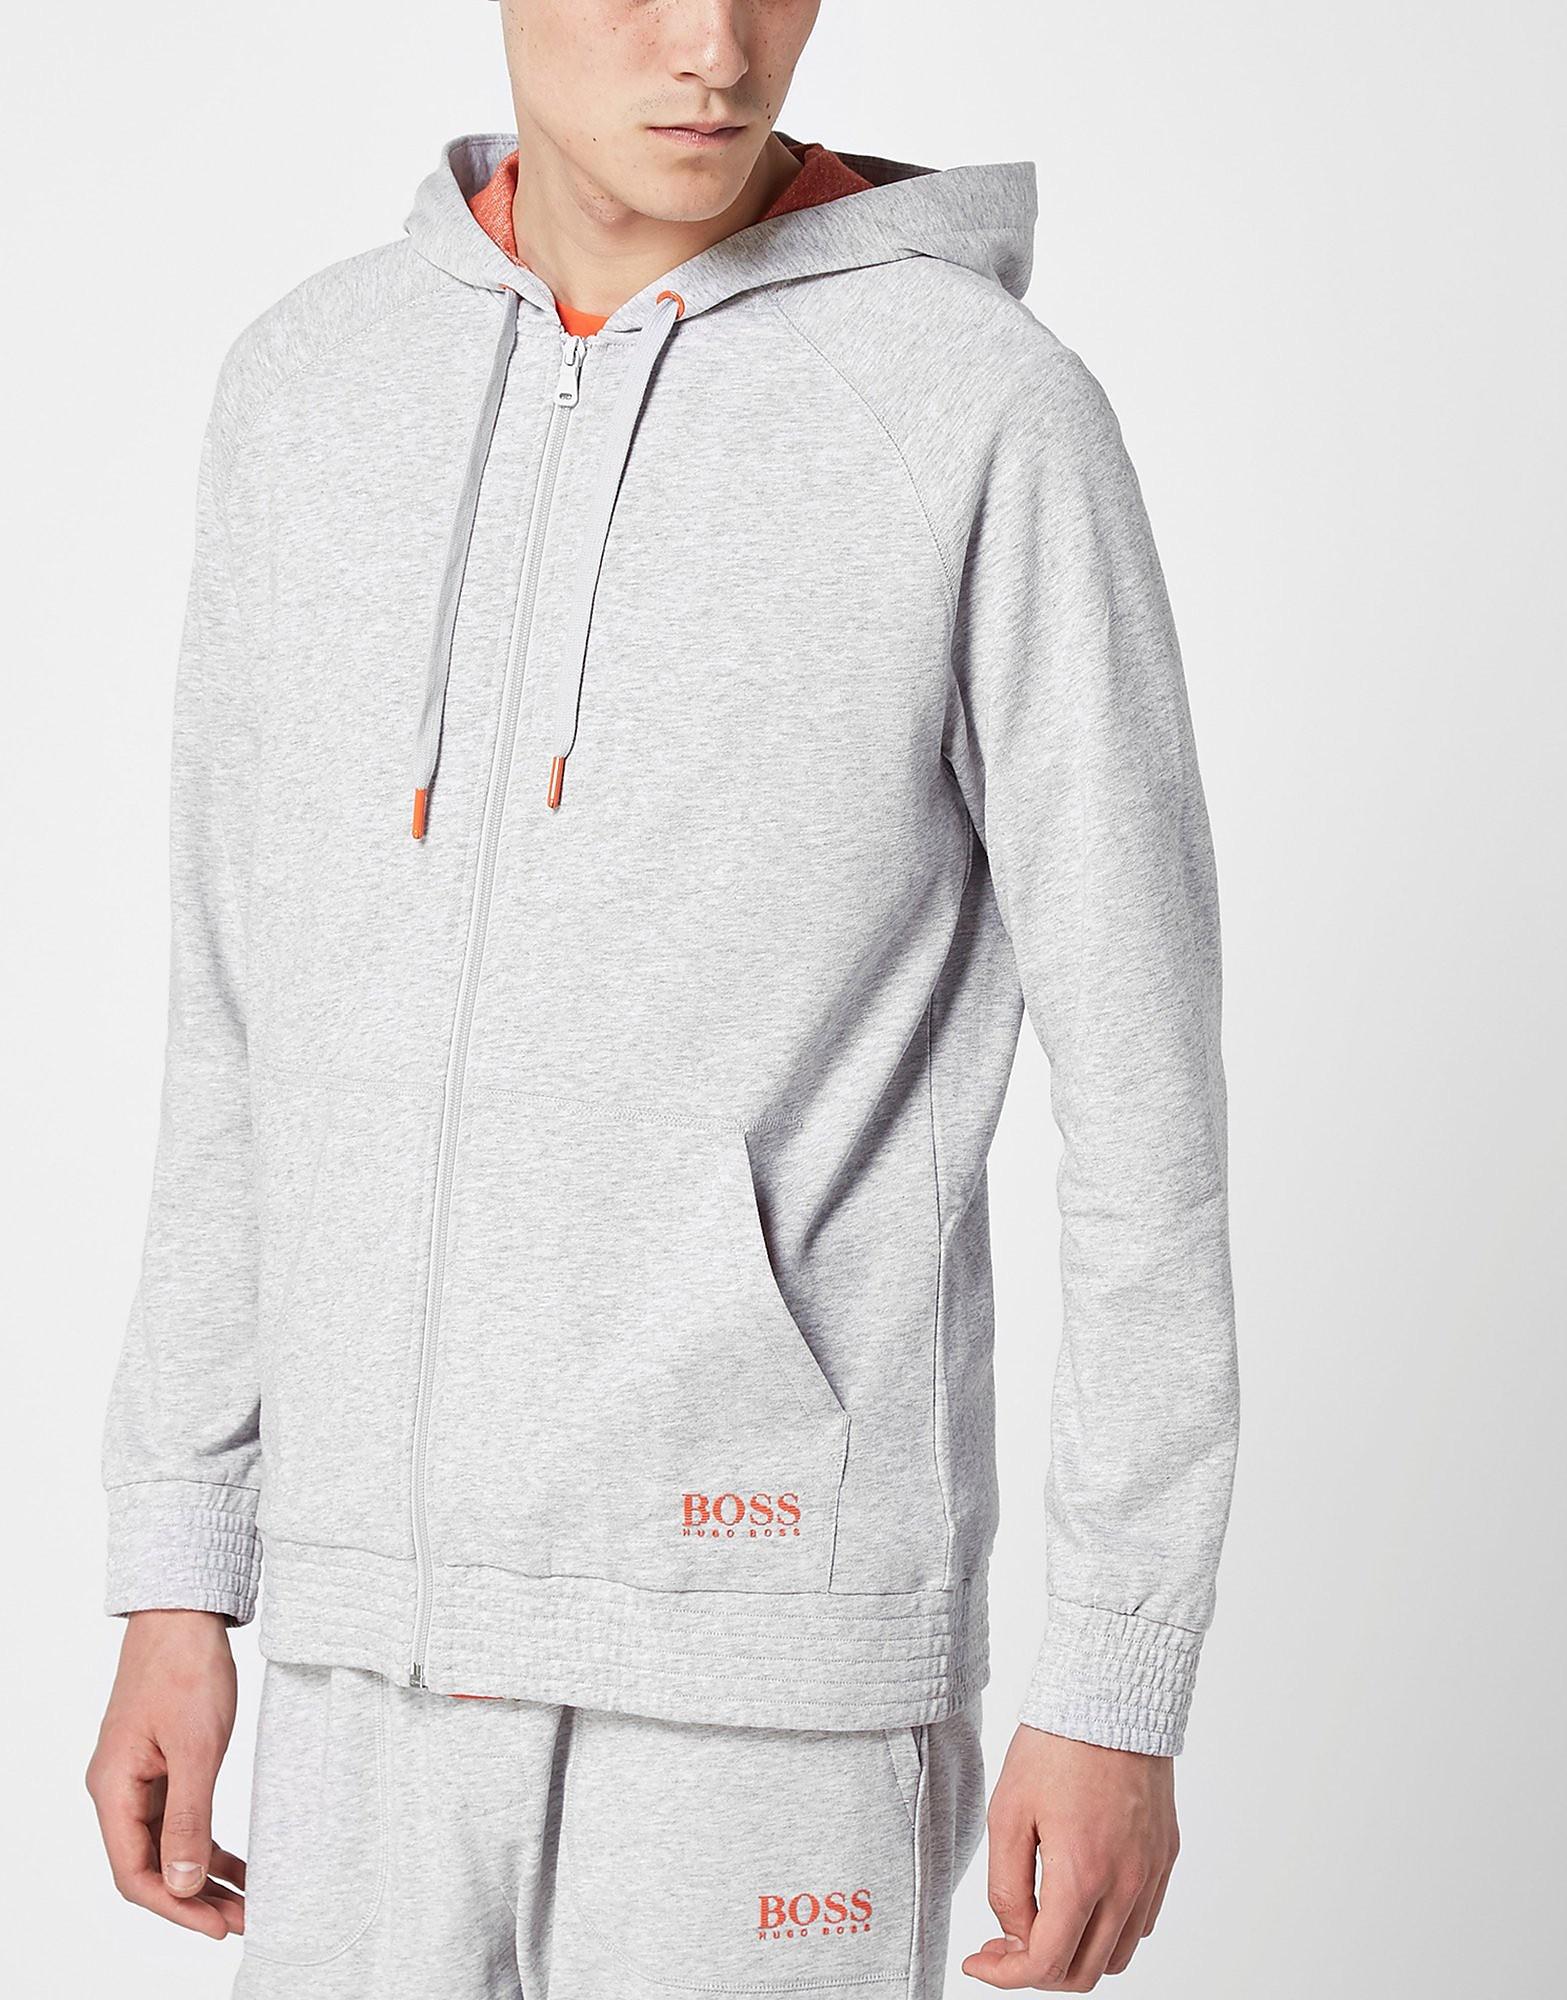 BOSS Hood Jacket